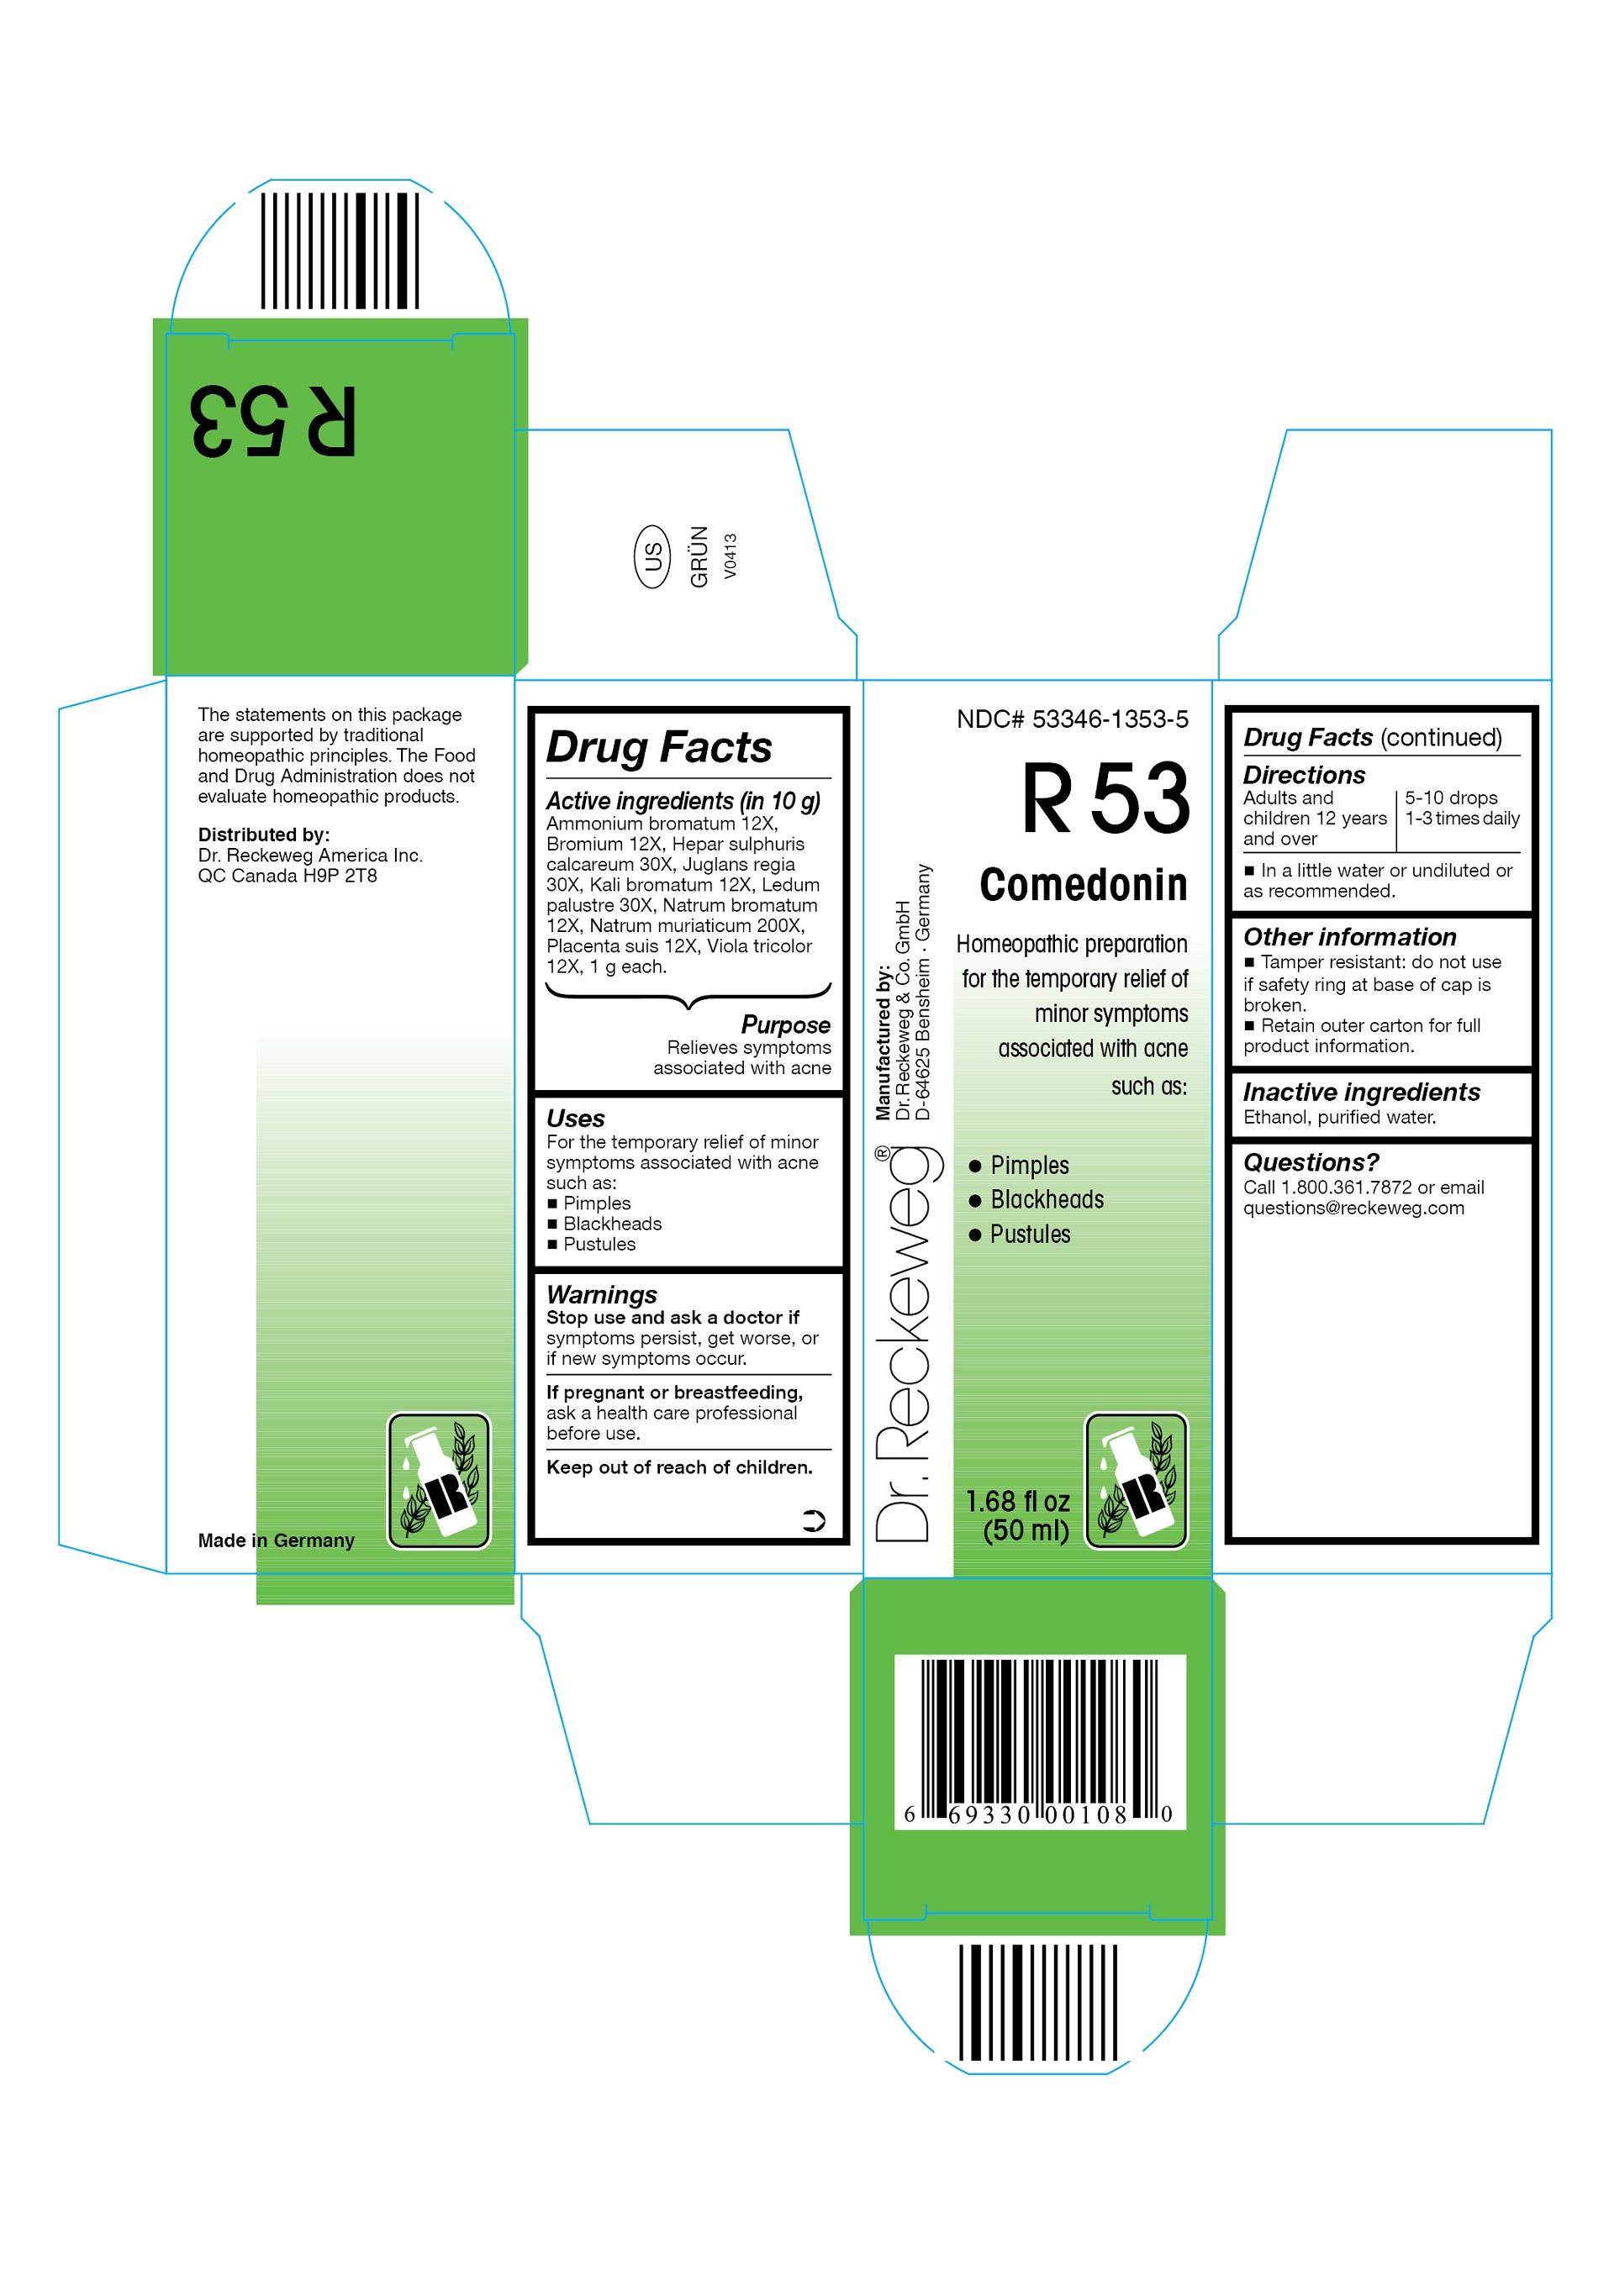 Dr. Reckeweg R53 Comedonin Combination Product (Ammonium Bromatum 12x, Bromium 12x, Hepar Sulphuris Calcareum 30x, Juglans Regia 30x, Kali Bromatum 12x, Ledum Palustre 30x, Natrum Bromatum 12x, Natrum Muriaticum 200x, Placenta Suis 12x, Viola Tricolor 12x) Liquid [Pharmazeutische Fabrik Dr. Reckeweg & Co]